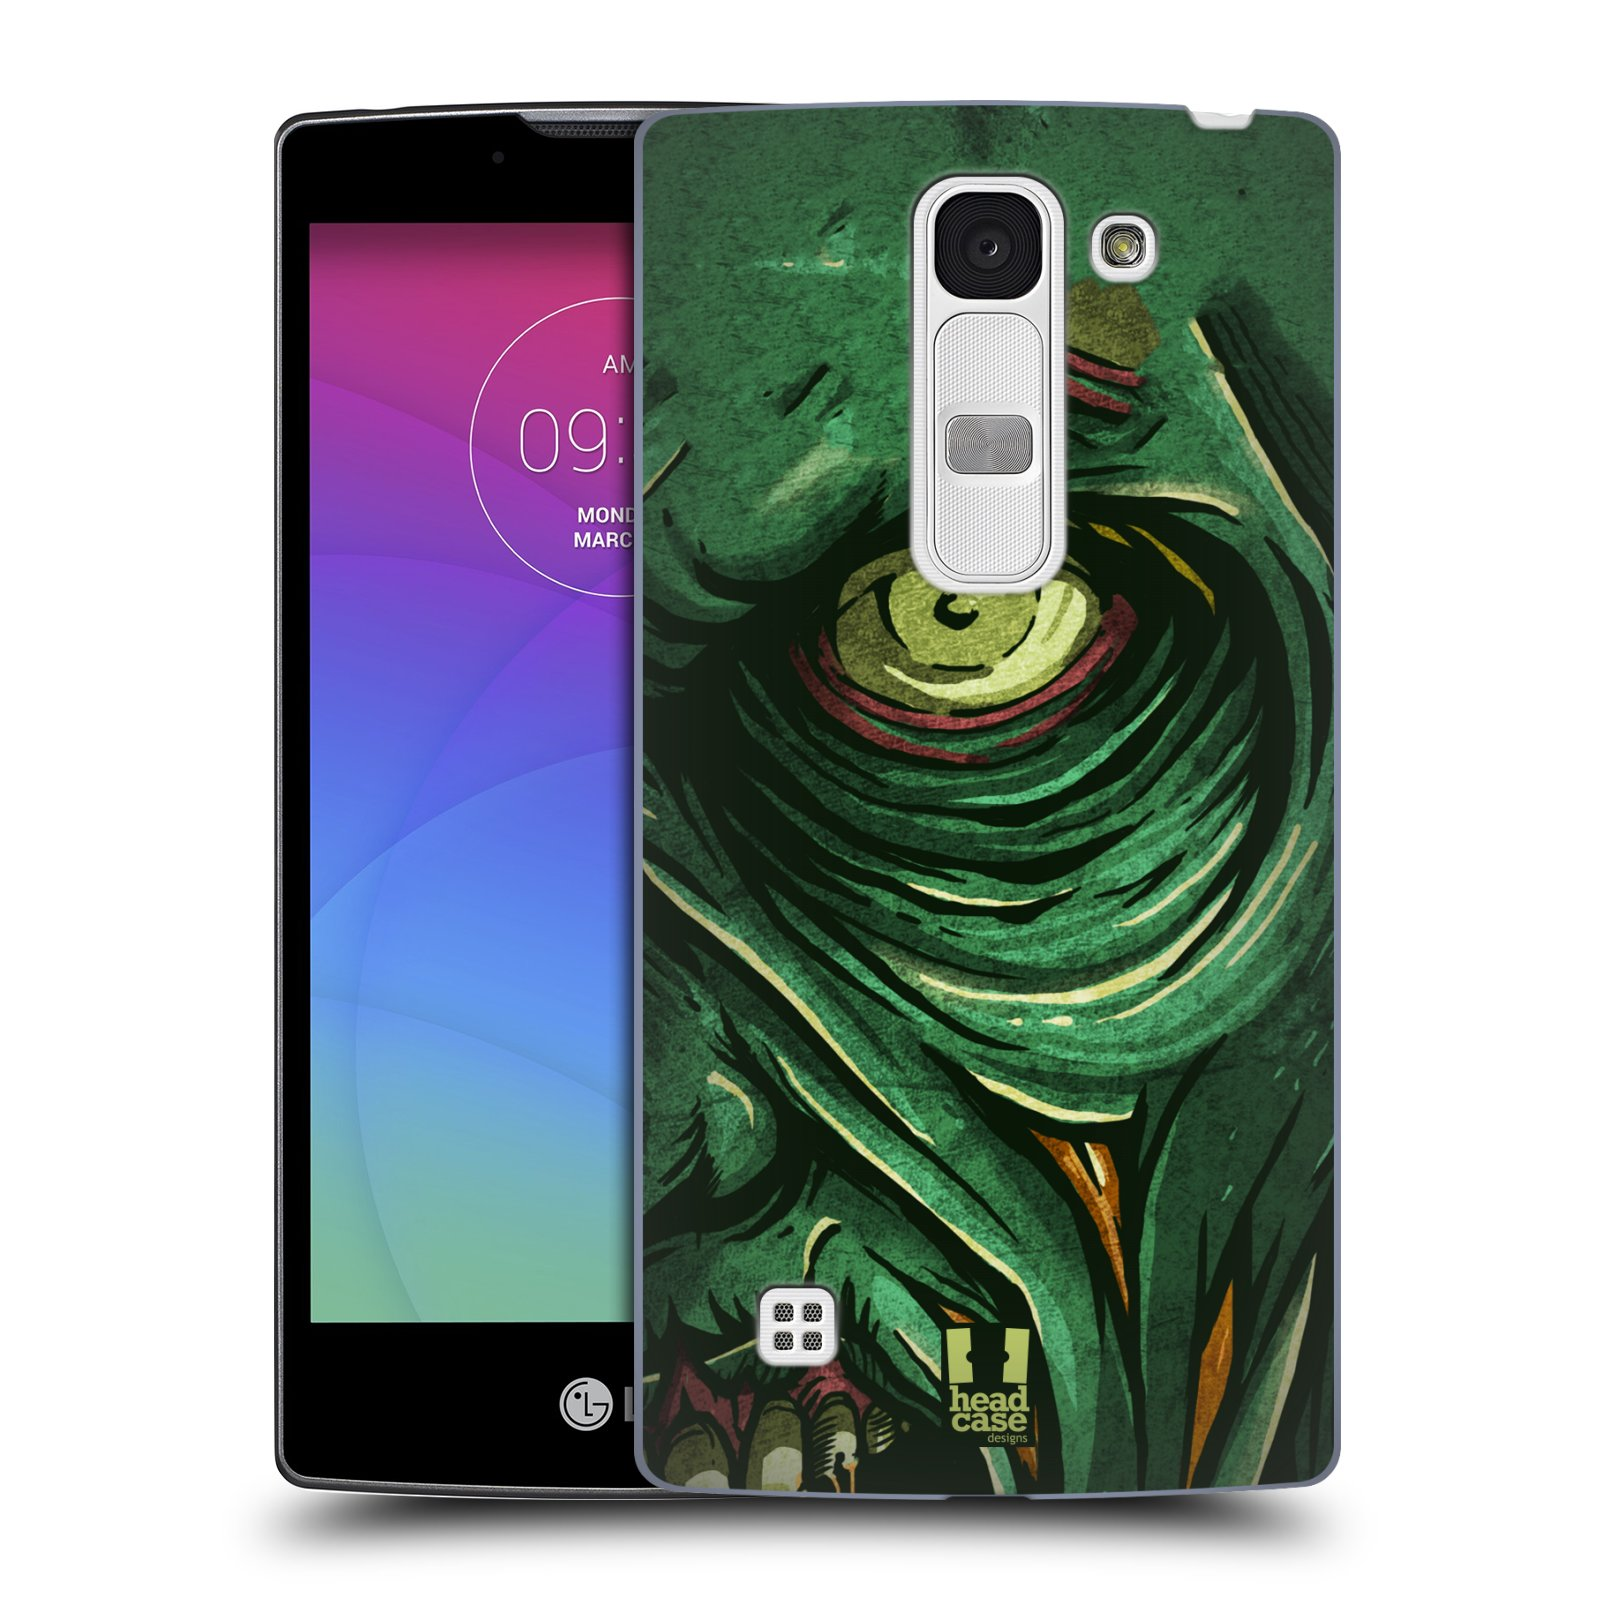 Plastové pouzdro na mobil LG Spirit LTE HEAD CASE ZOMBIE TVÁŘ (Kryt či obal na mobilní telefon LG Spirit H420 a LG Spirit LTE H440N)